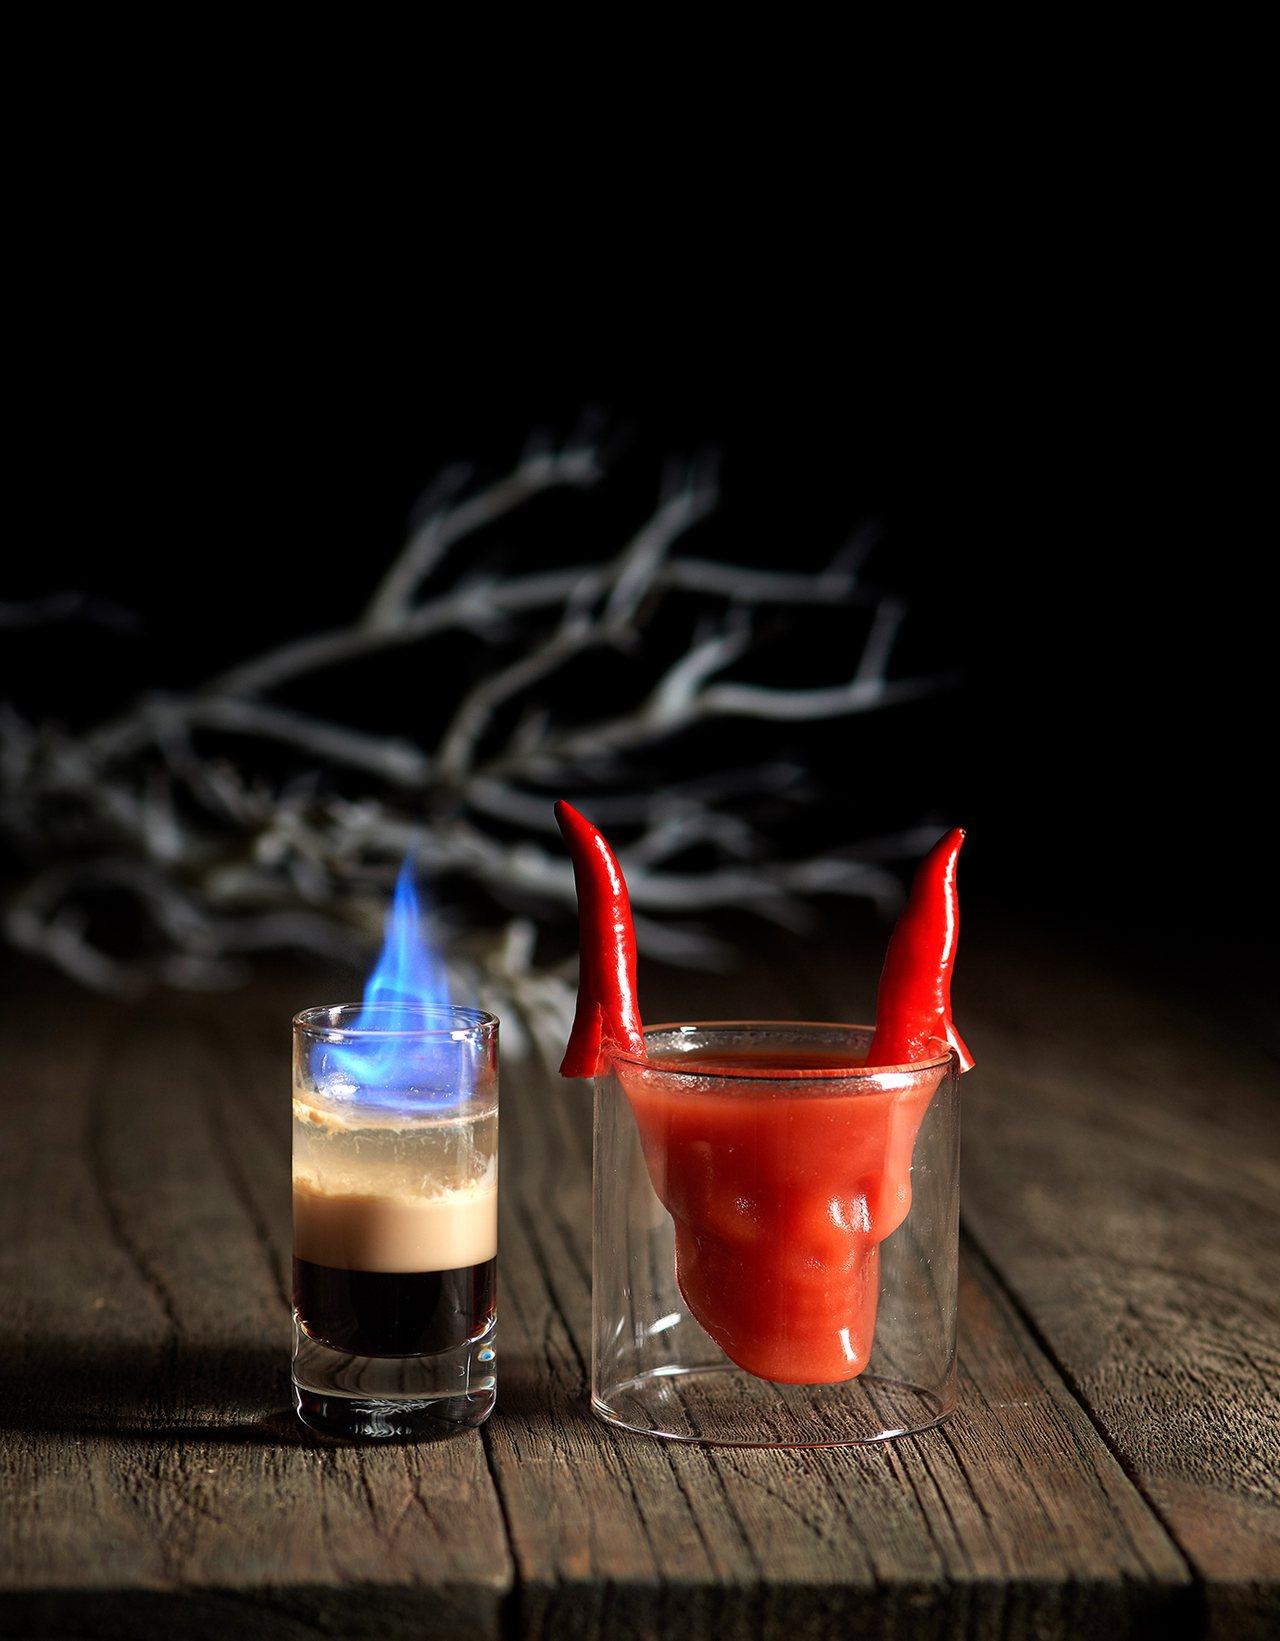 美福飯店Cocoon酒吧推出萬聖節調酒。圖/美福飯店提供